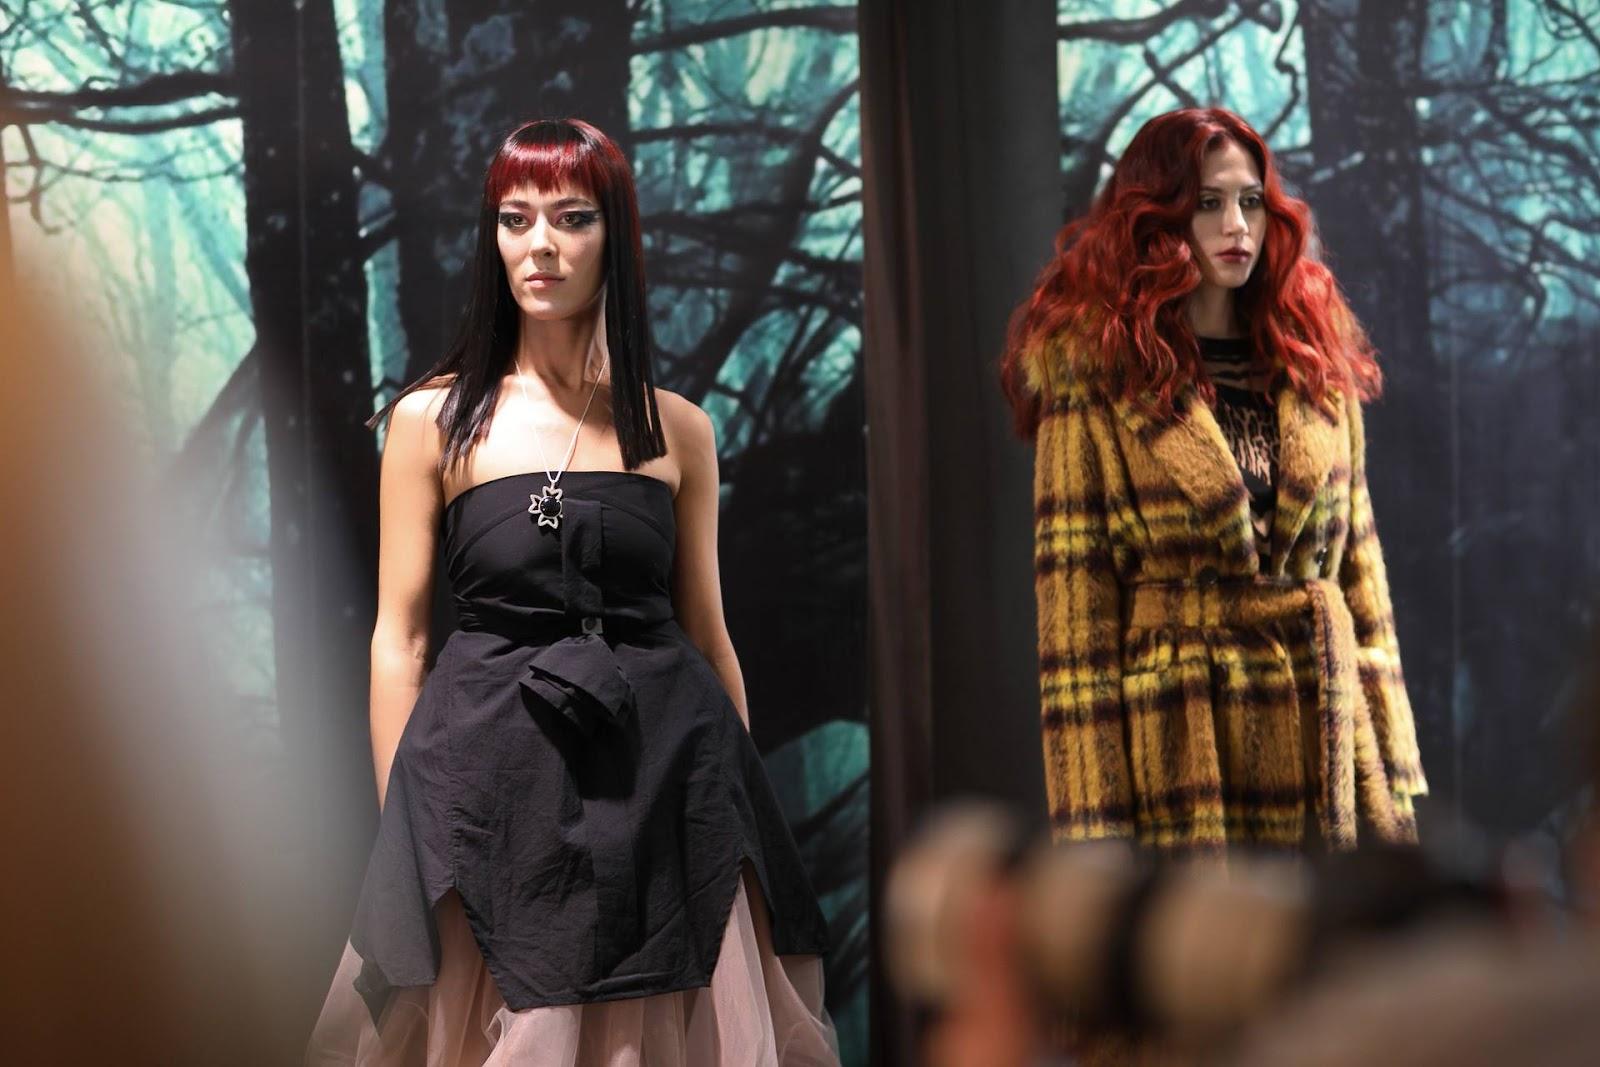 Модные образы зимы 2016/2017 – волосы, макияж, стиль